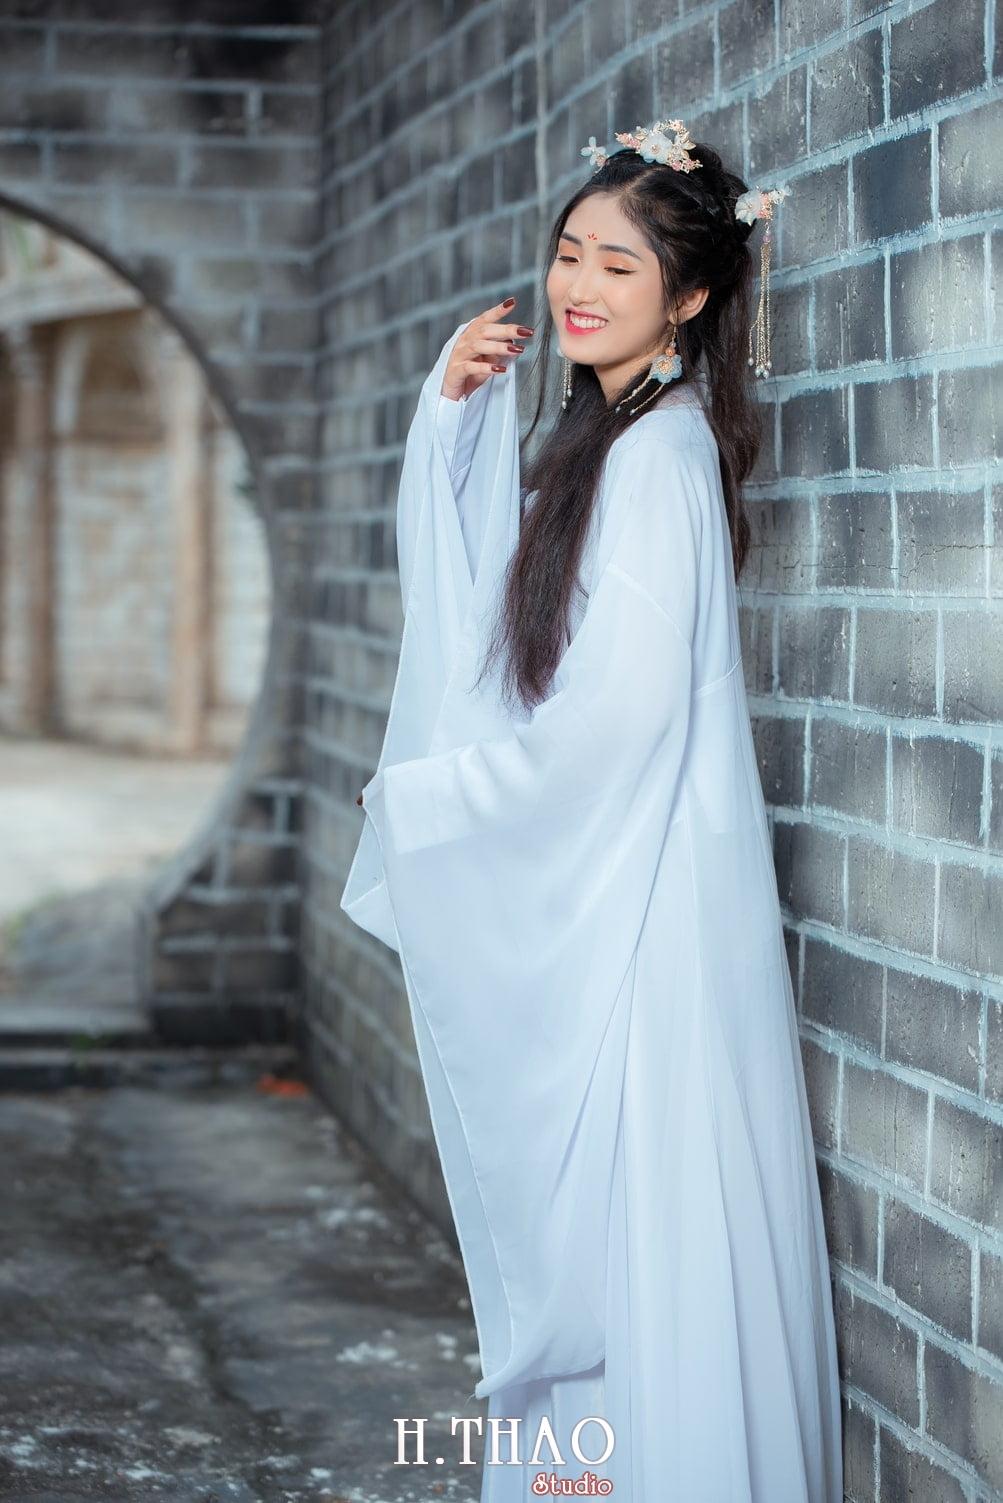 Anh tieu long nu 7 - Bộ ảnh cổ trang chụp theo concept tiểu long nữ nhẹ nhàng - HThao Studio